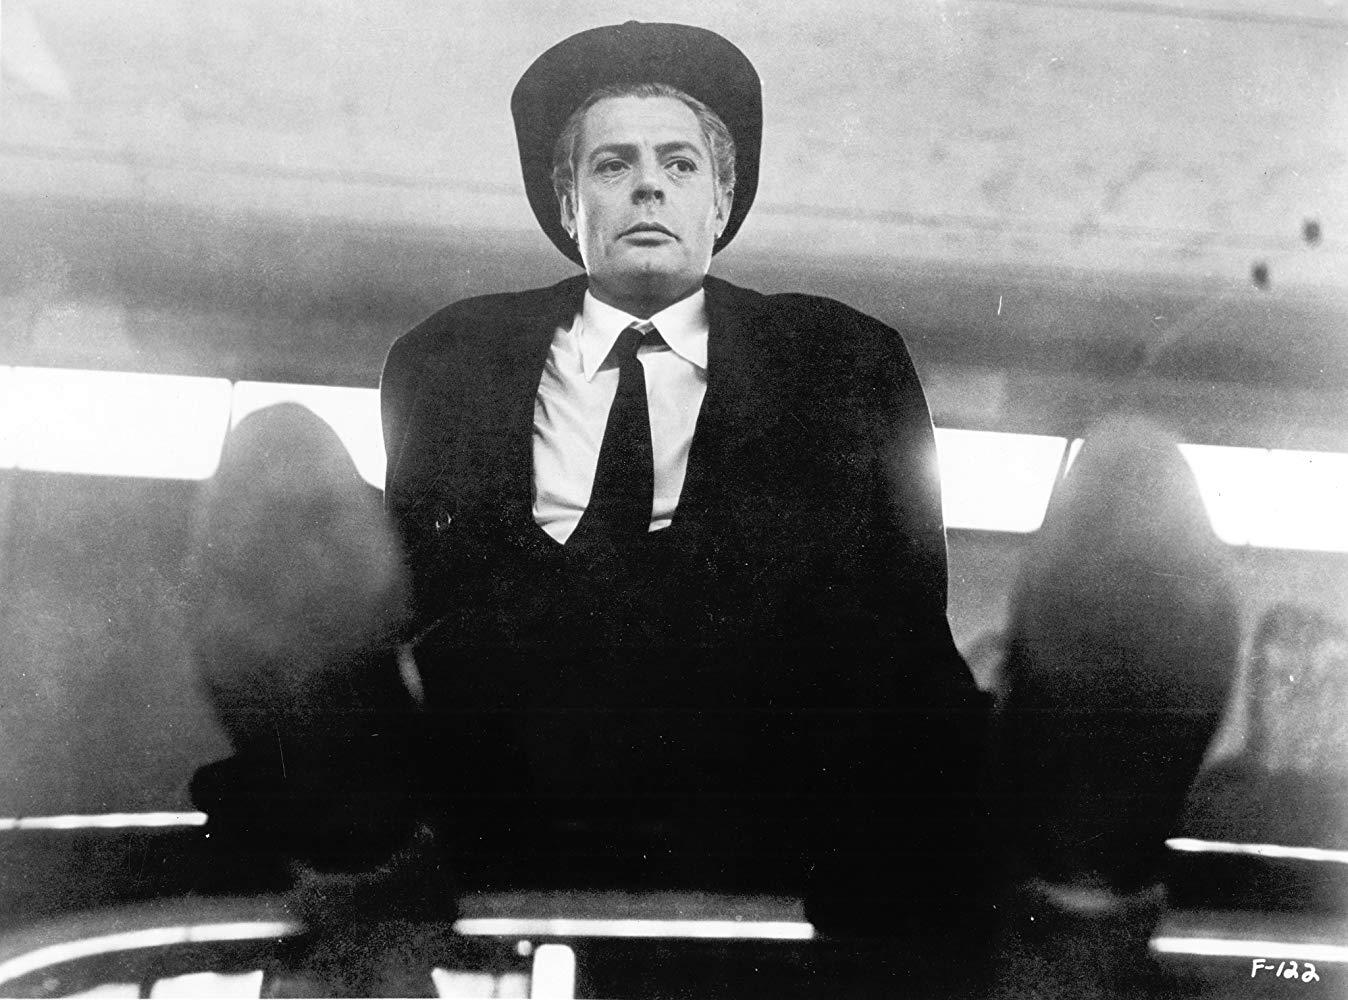 Marcello Mastroianni in Federico Fellini's '8½,' 1963.